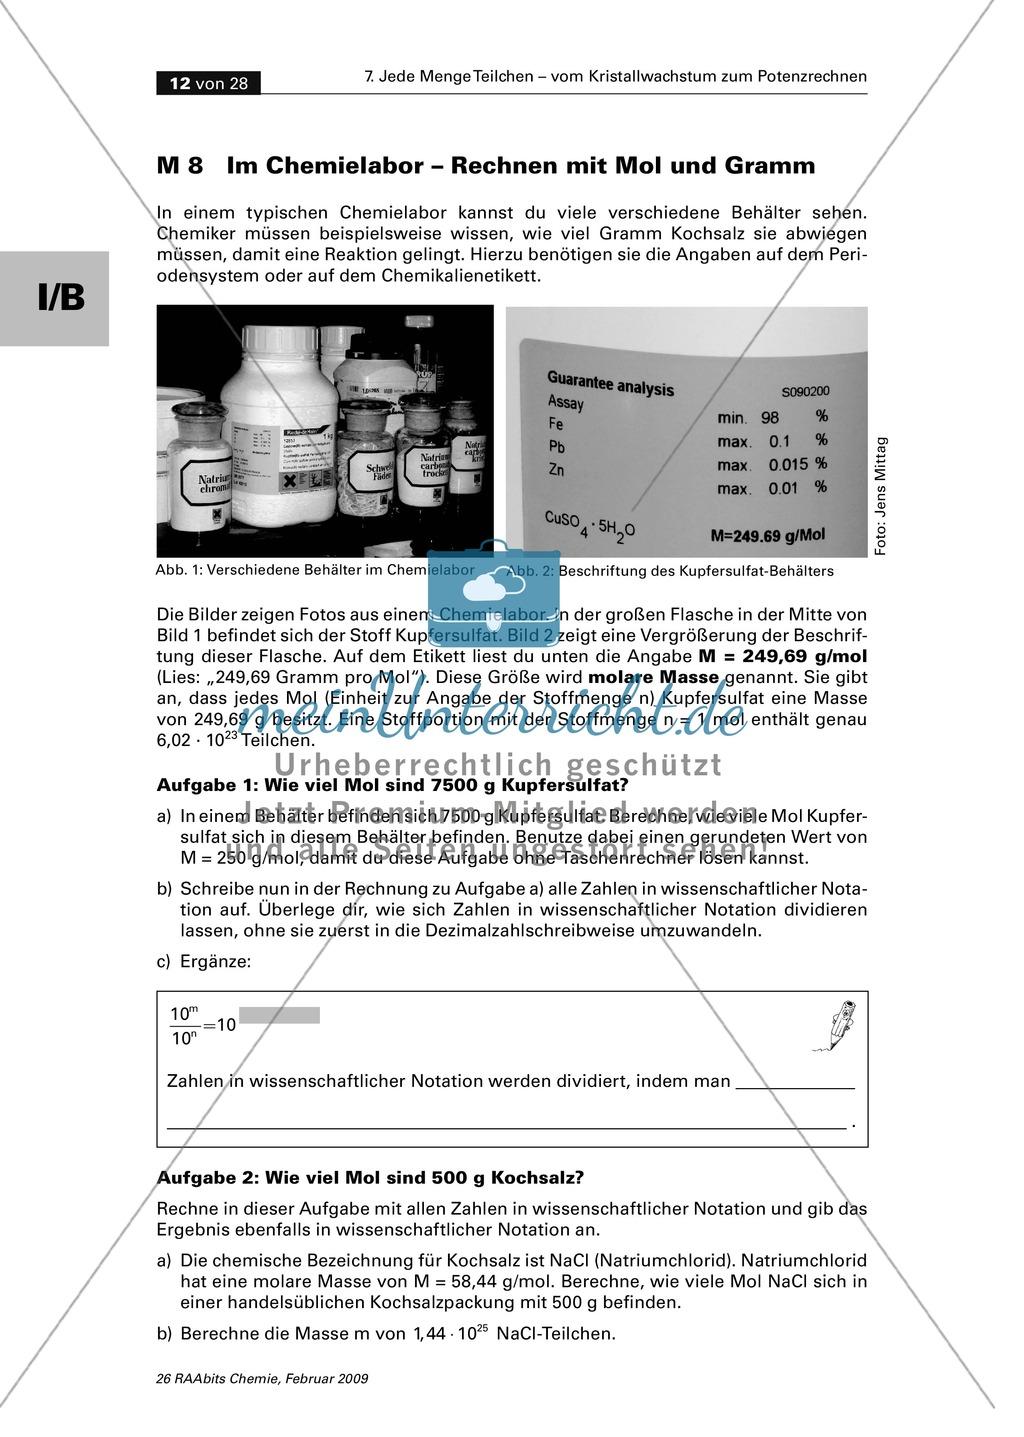 Rechnen mit Mol und Gramm - Einführung der molaren Masse mit Übungen und Berechnung der Kosten eines Platinatoms Preview 0